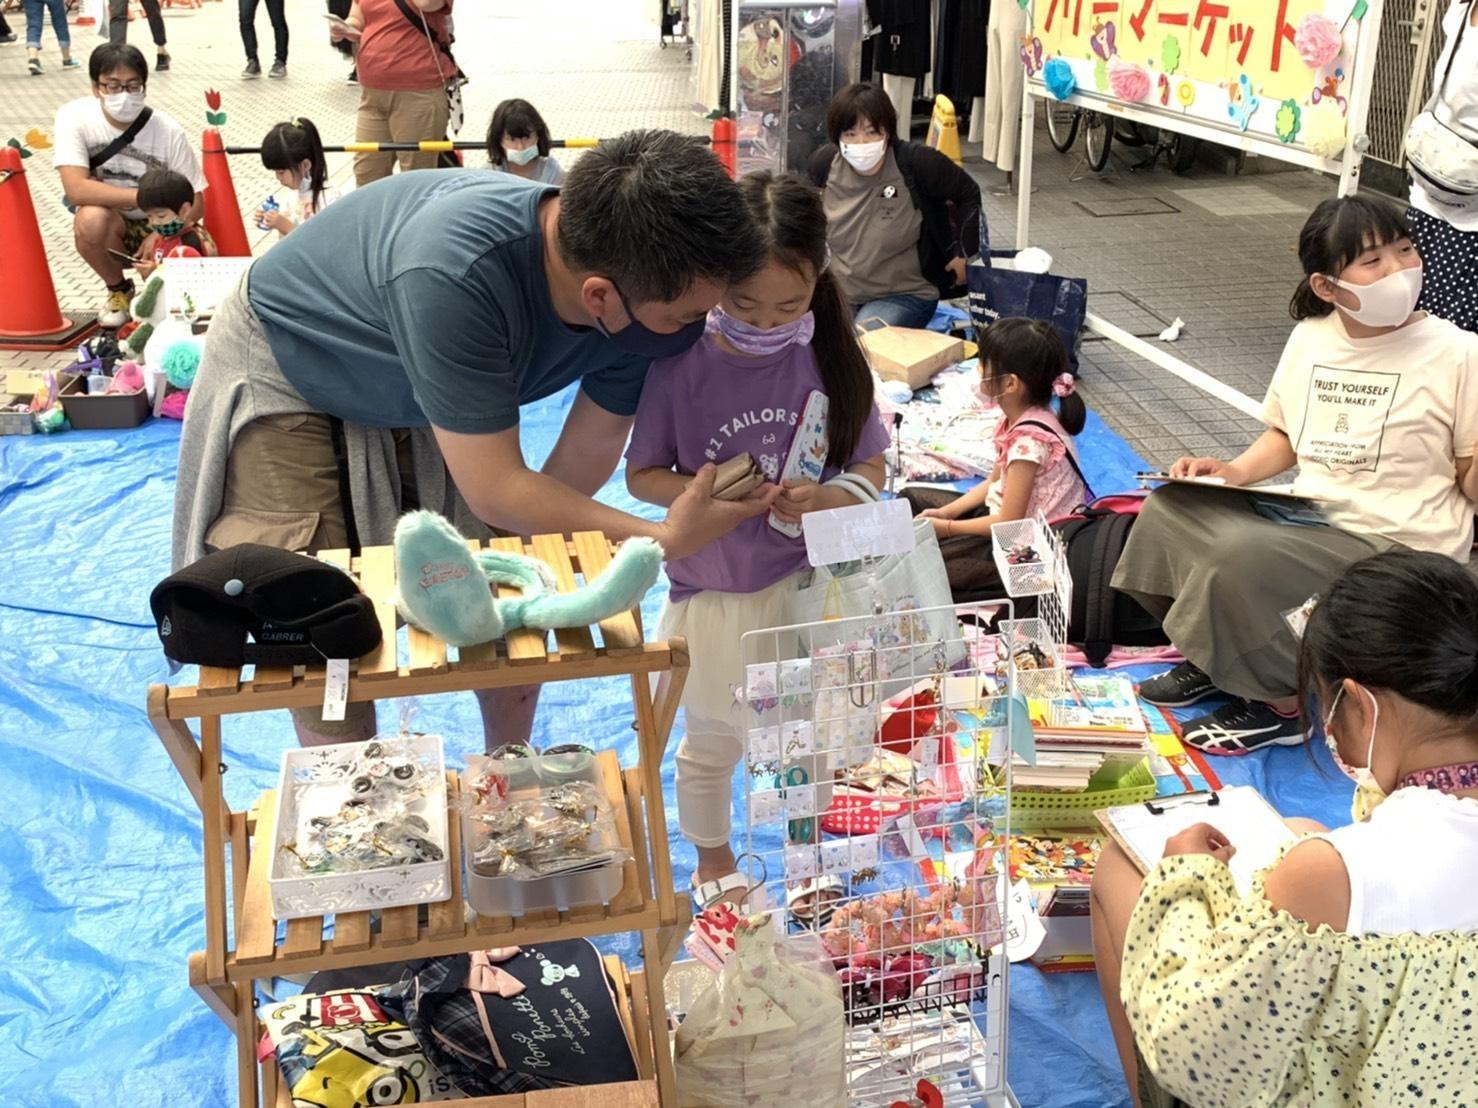 パパといっしょに来た女の子も、お買い物のお勉強。